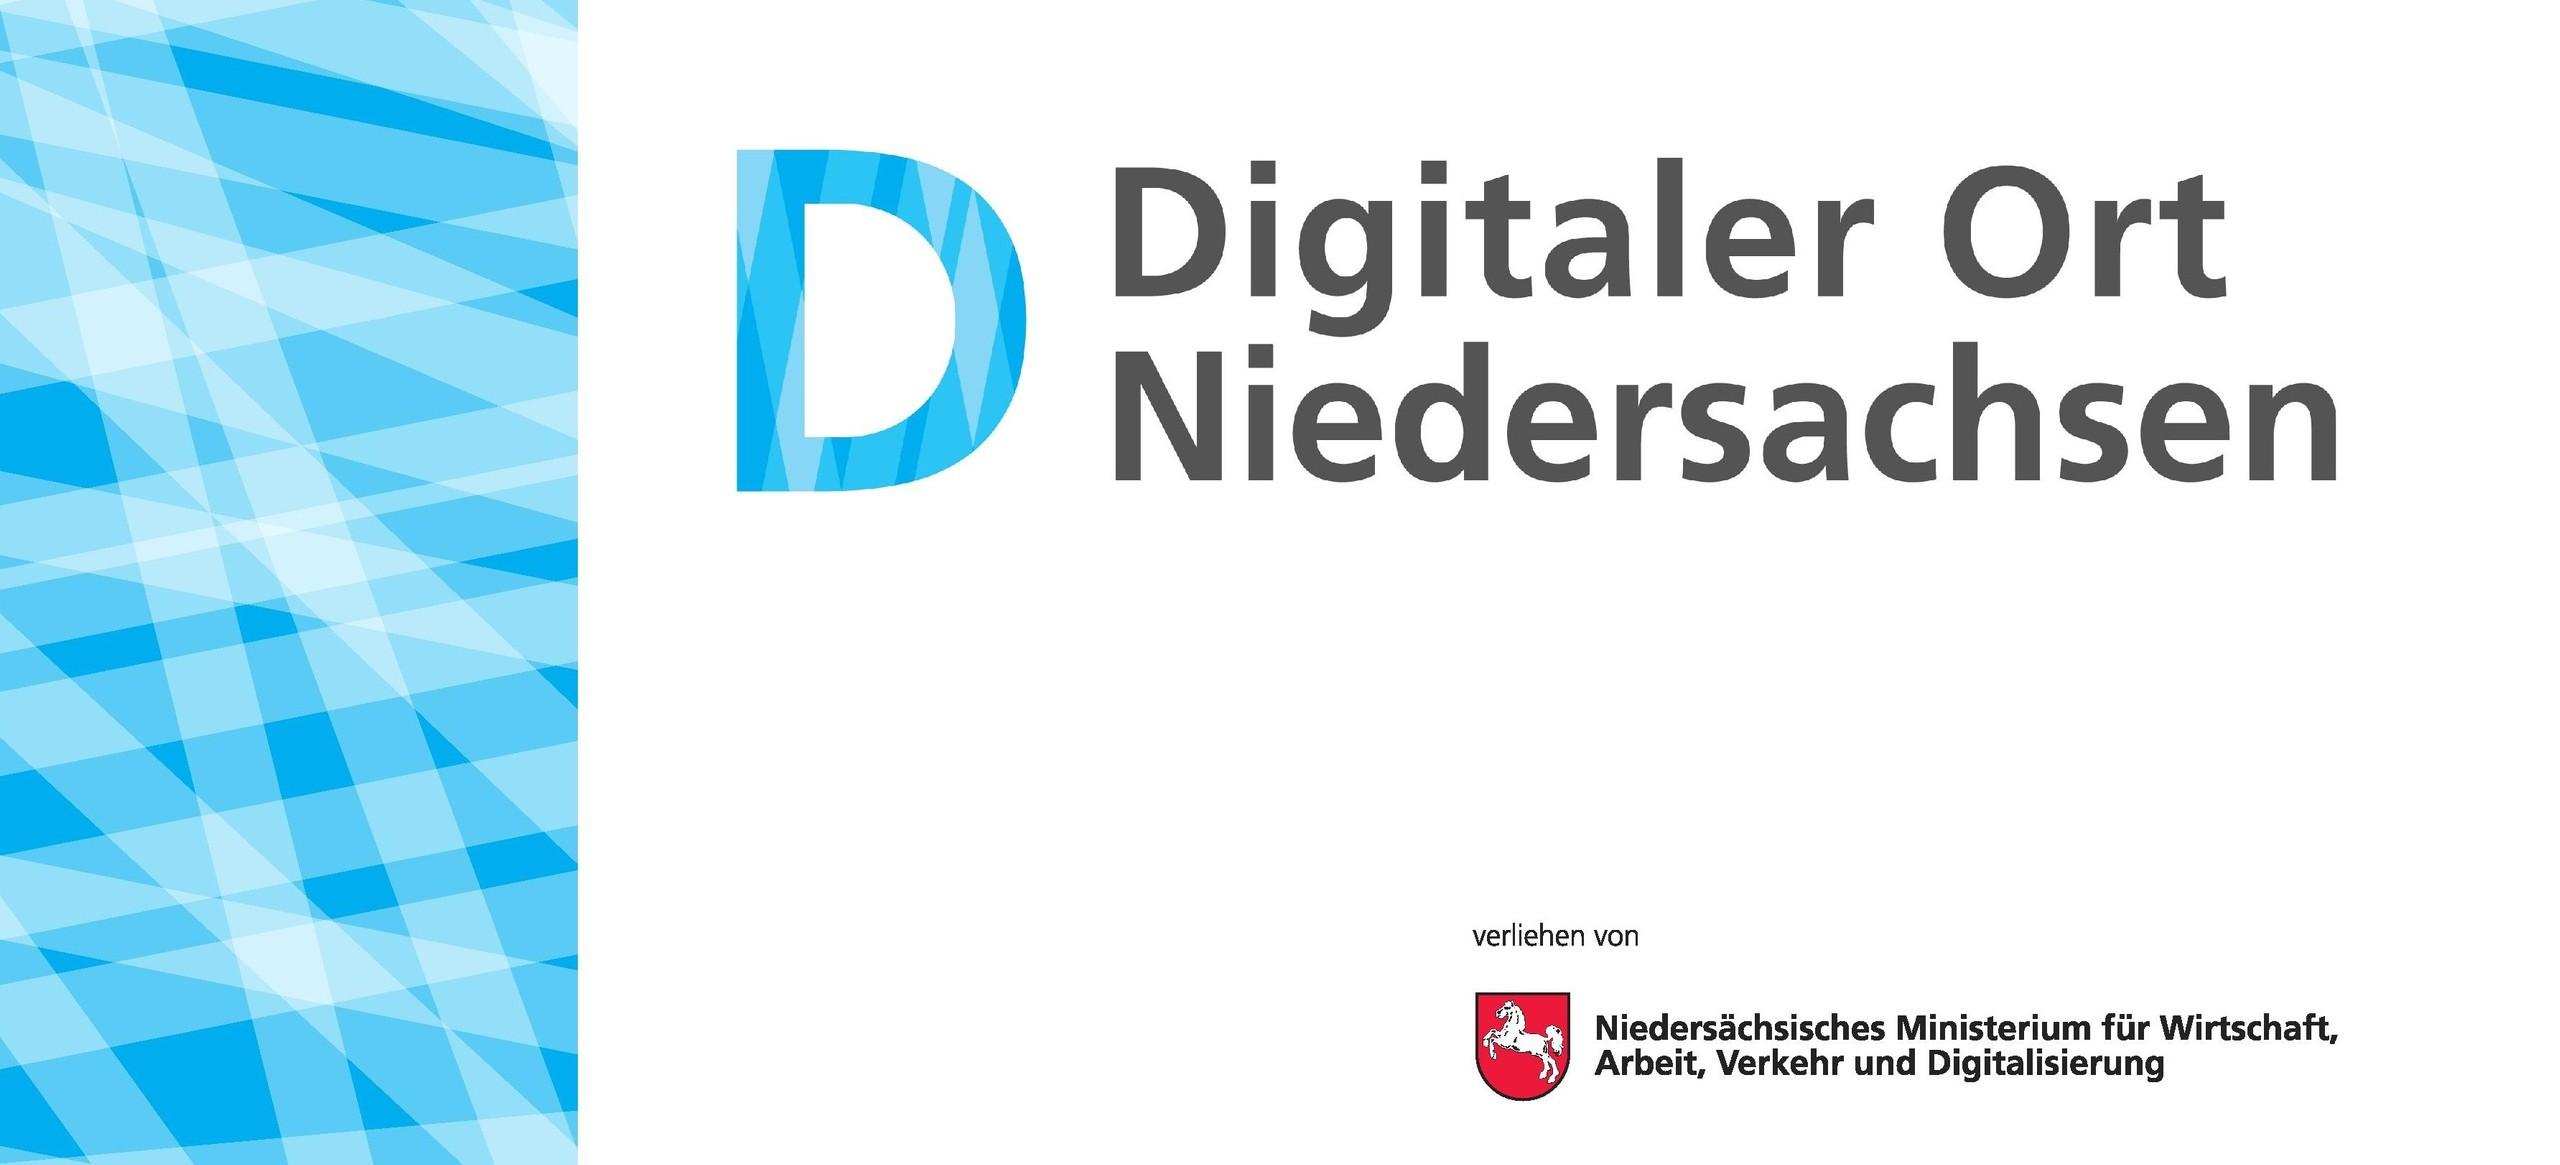 Das Bild zeigt das Logo Digitaler Ort Niedersachsen.